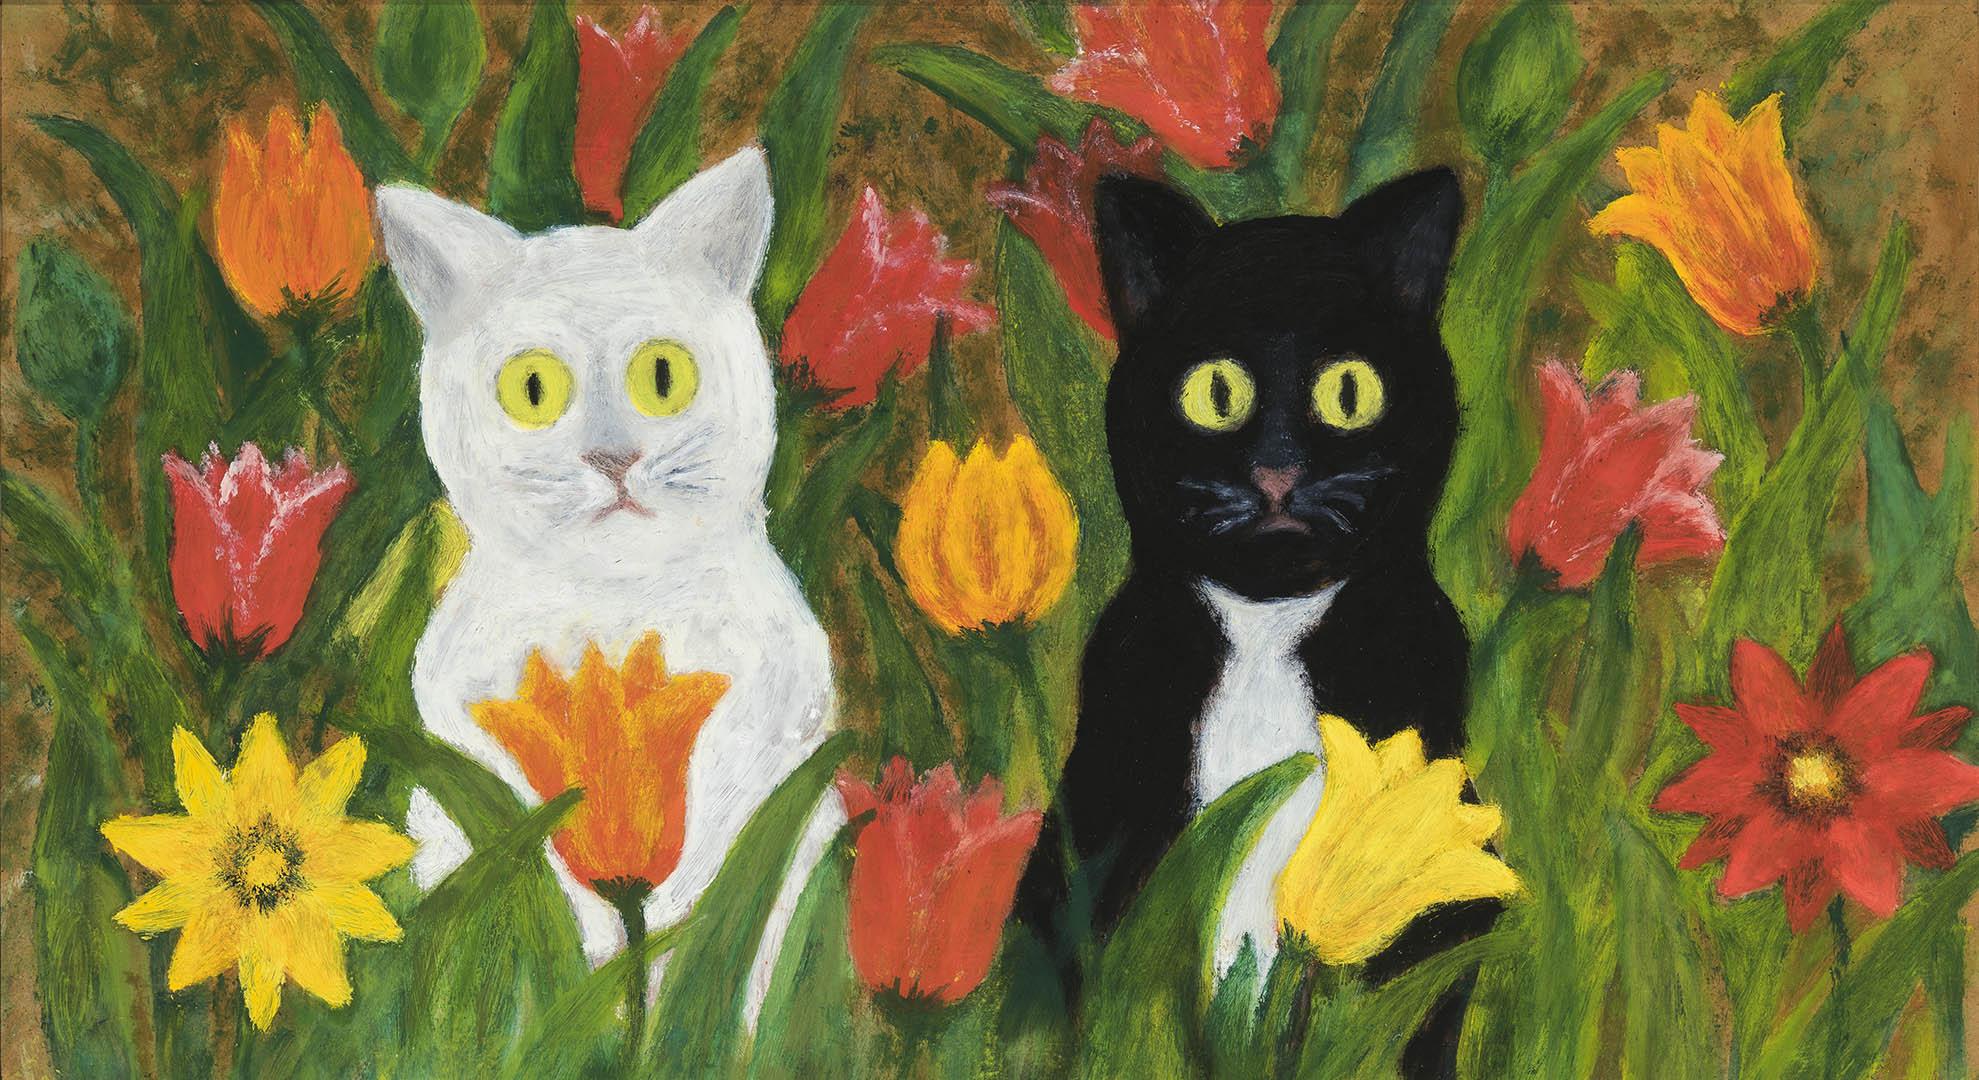 """Anelė Araminienė. """"Katinai tarp gėlių"""", 2018 m. Kartonas, aliejus; 29 x 50 cm"""